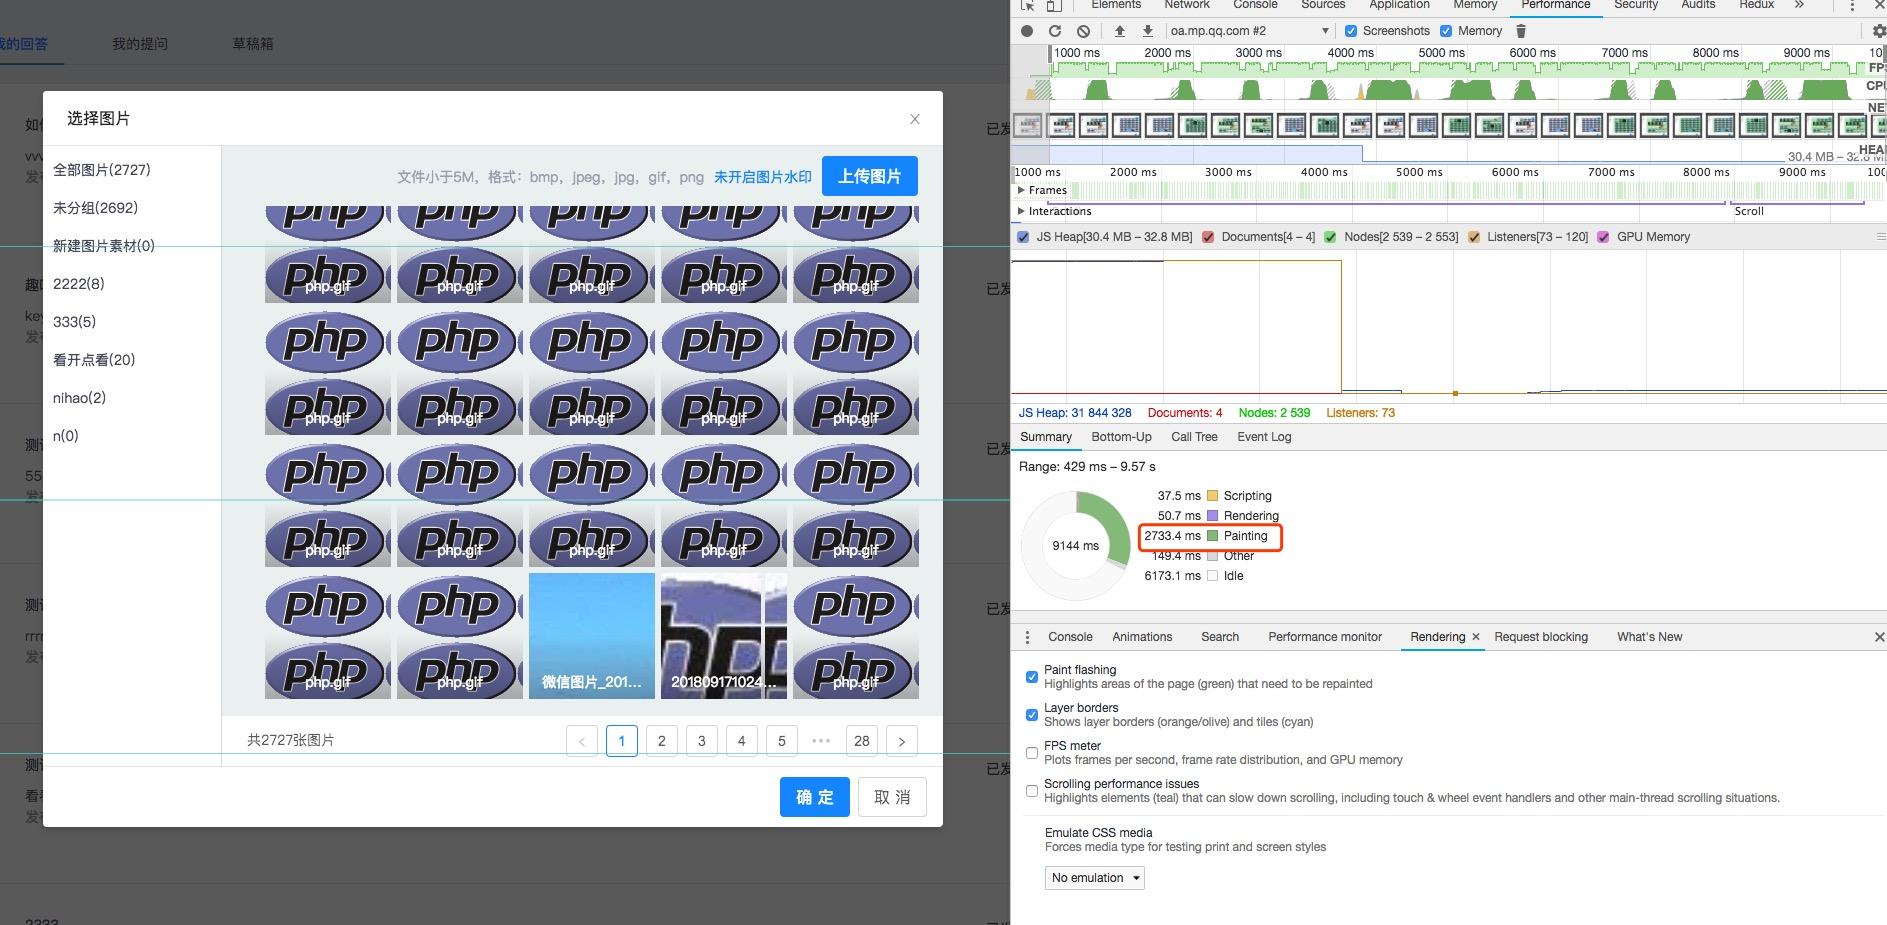 使用performance观察background-image列表